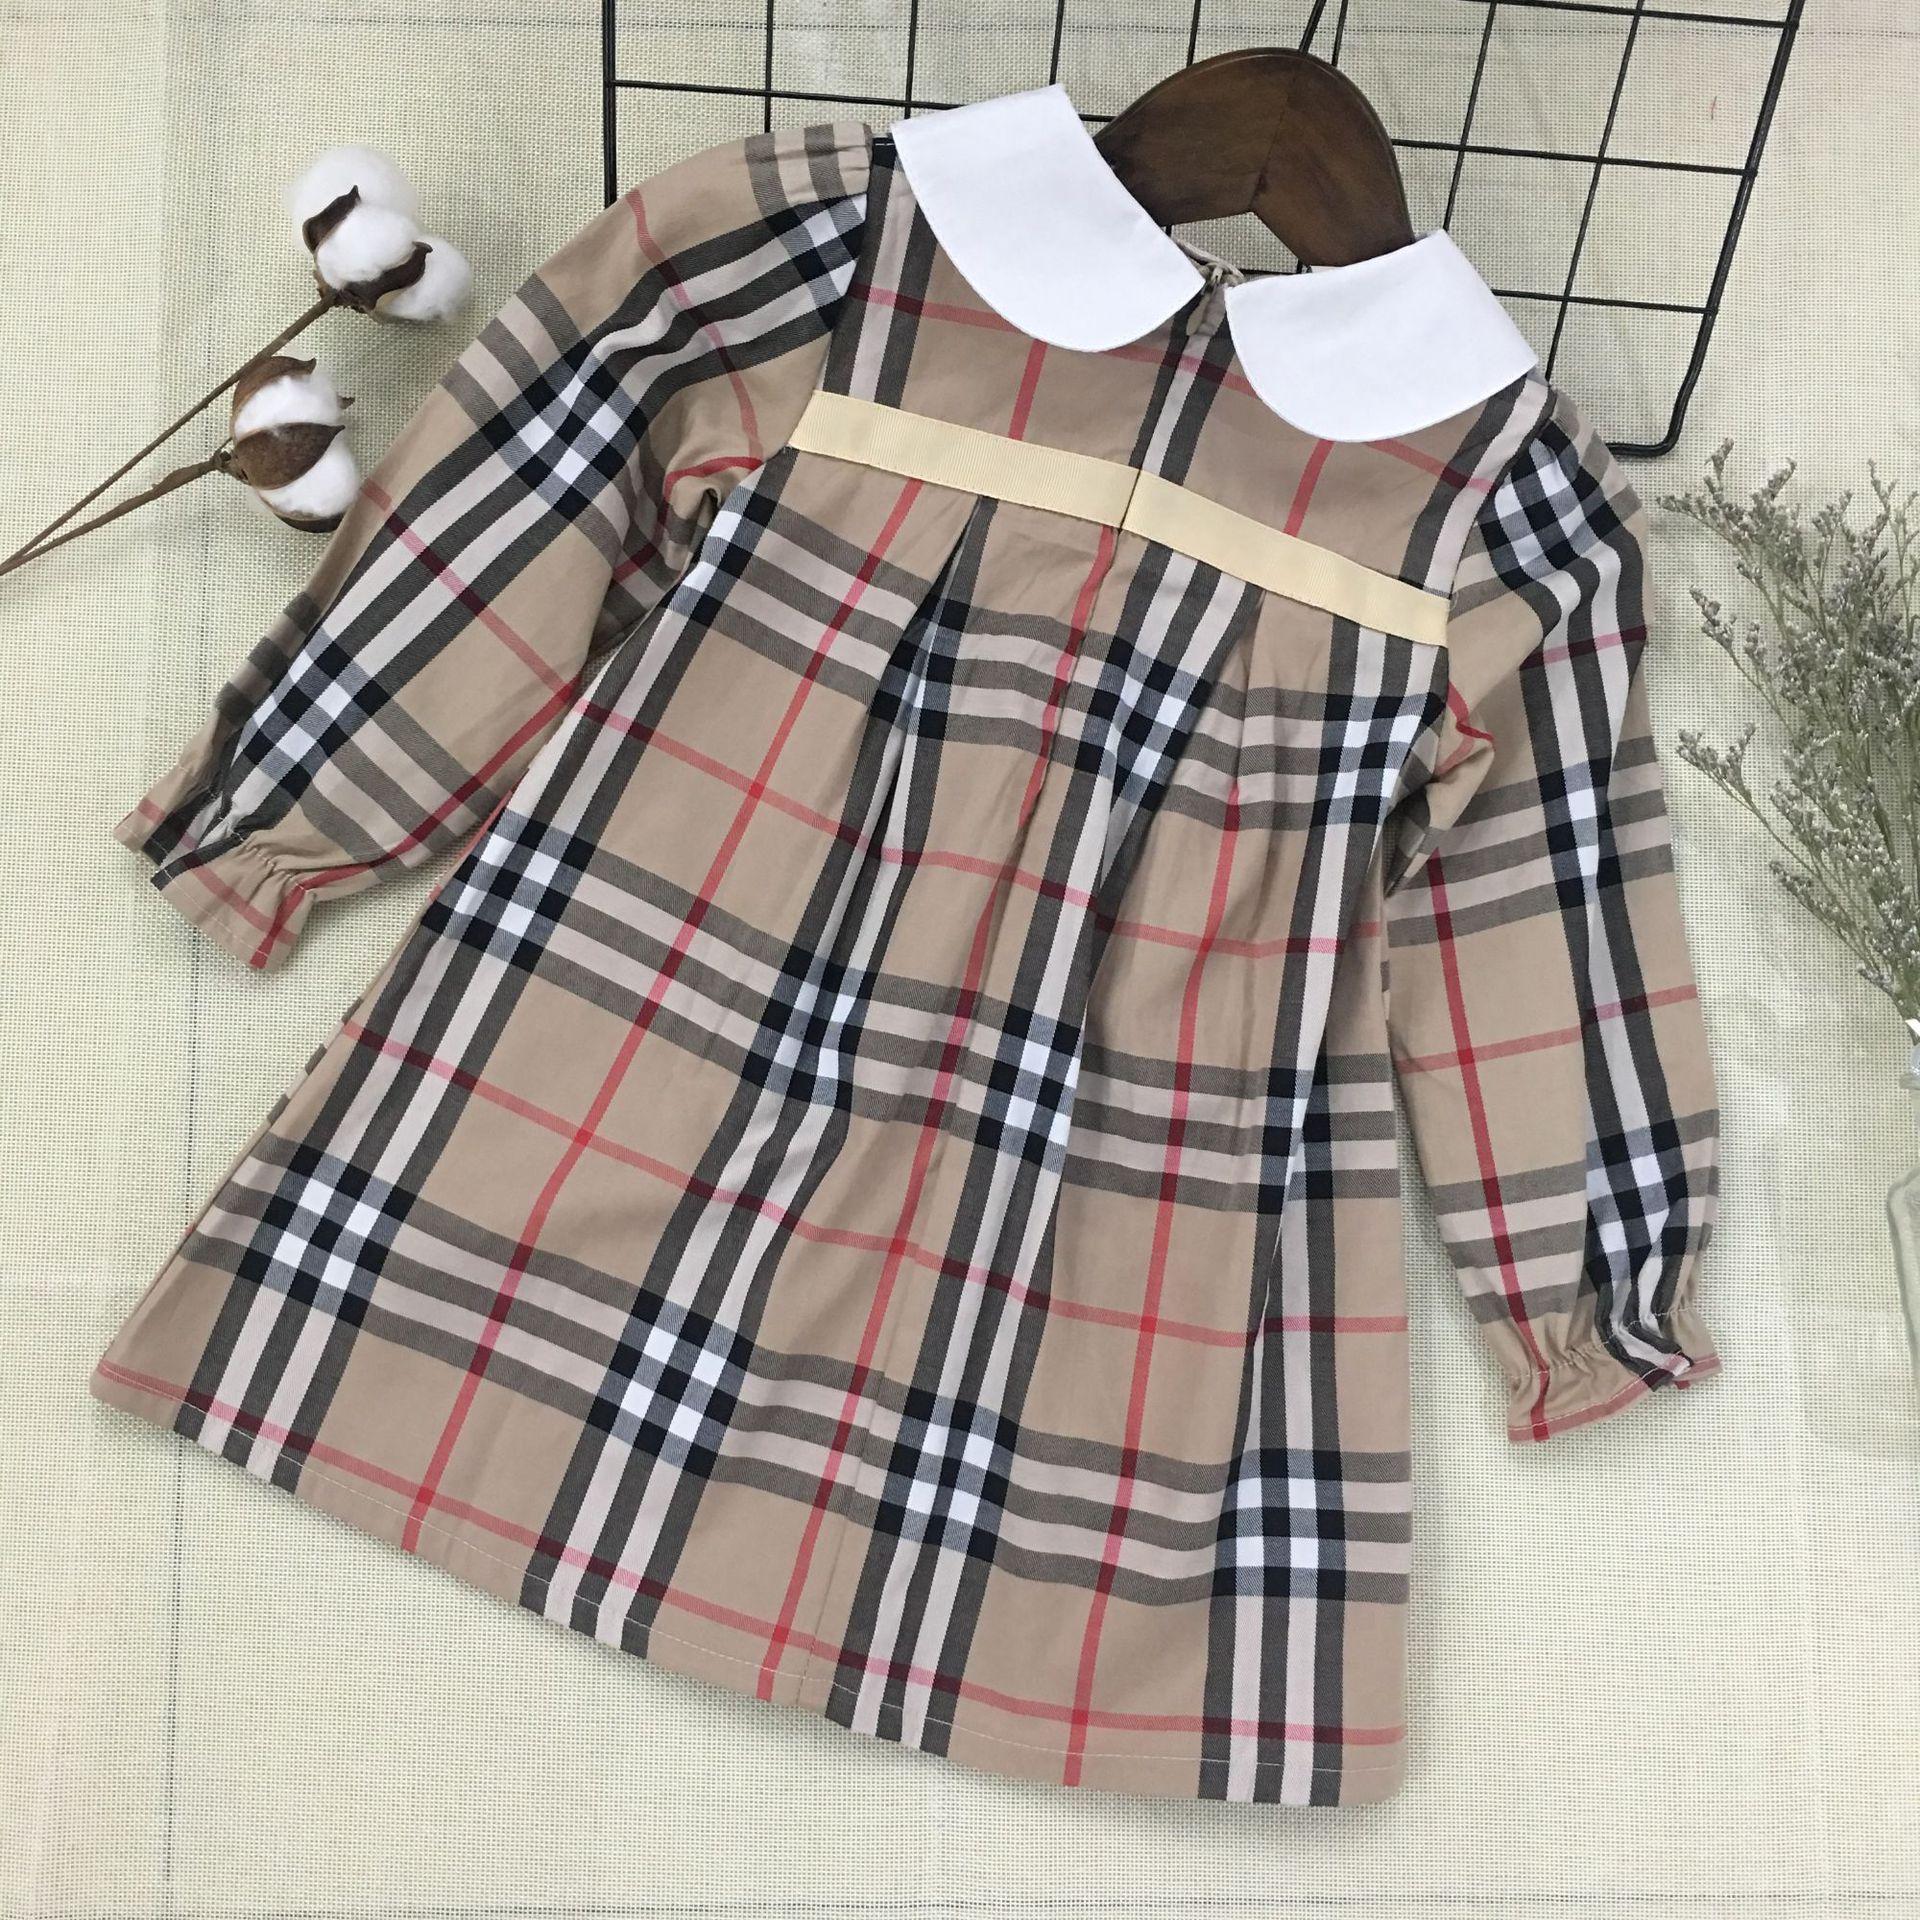 Детская одежда 2019 новых европейских и американских хлопка платье принцессы классические клетчатые юбки девушки юбка детская детская юбка